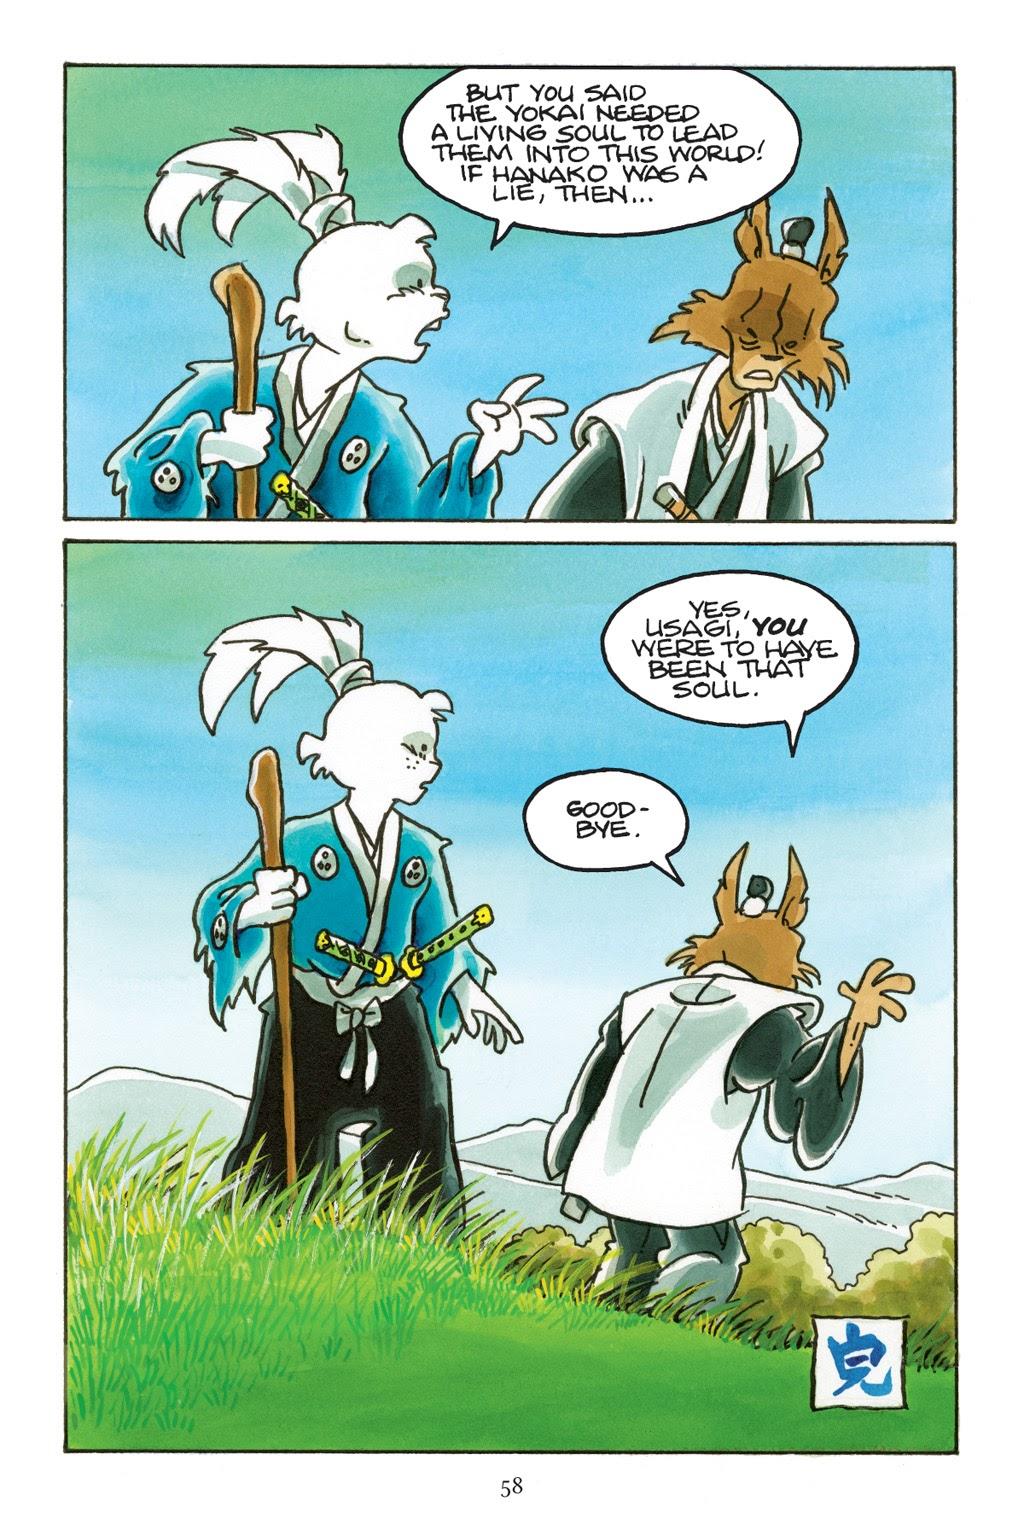 Read online Usagi Yojimbo: Yokai comic -  Issue # Full - 55